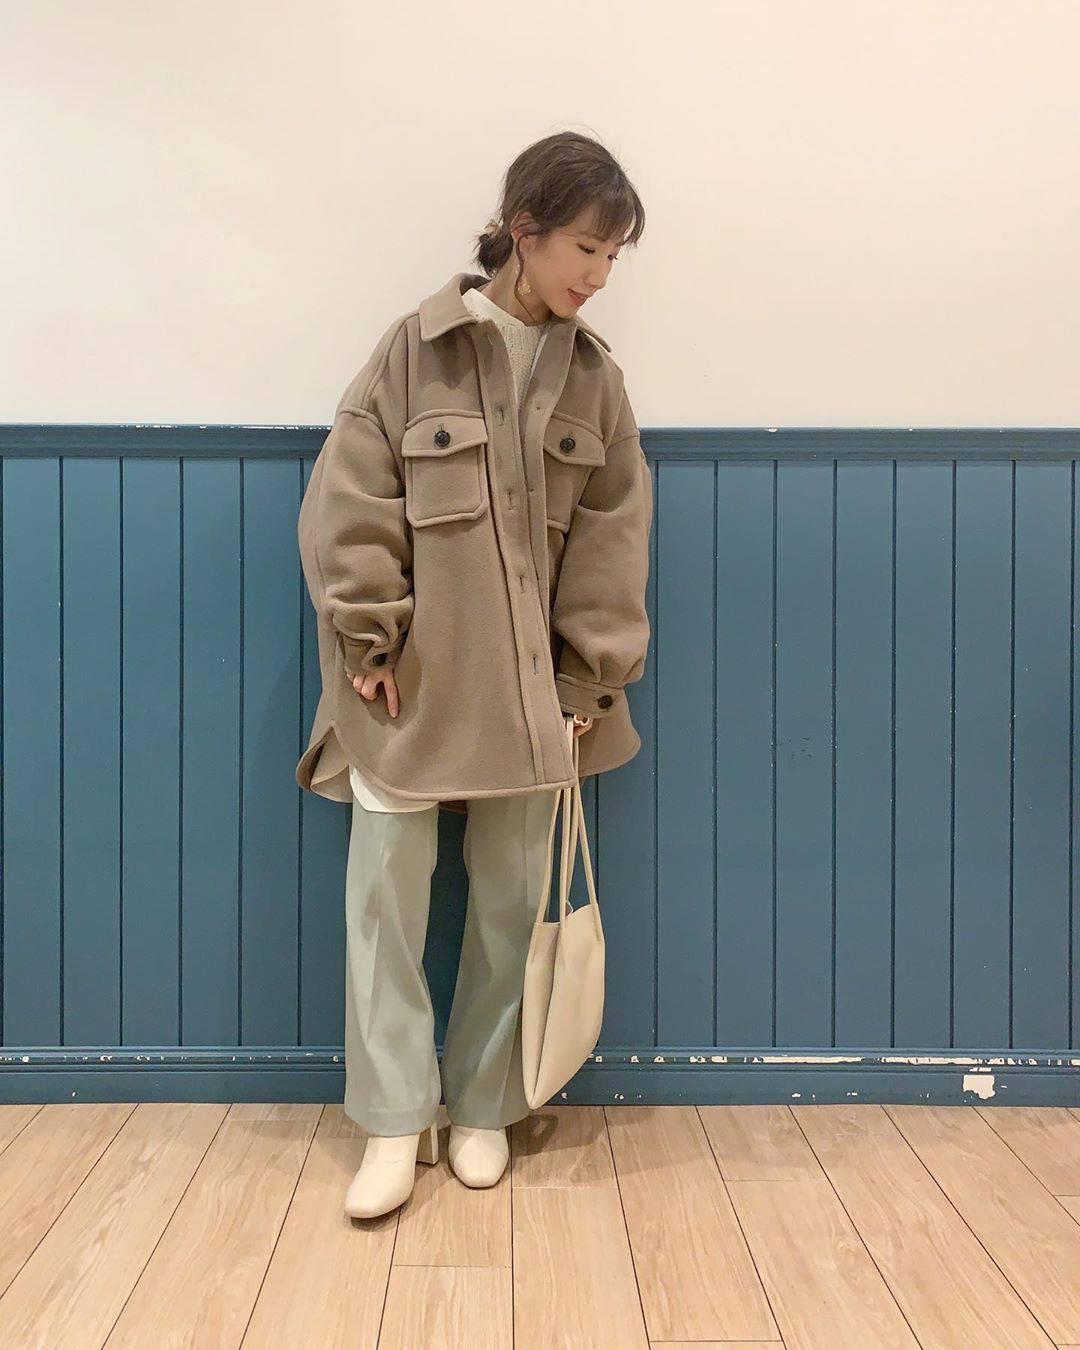 最高気温13度・最低気温4度 __tachaaanの服装